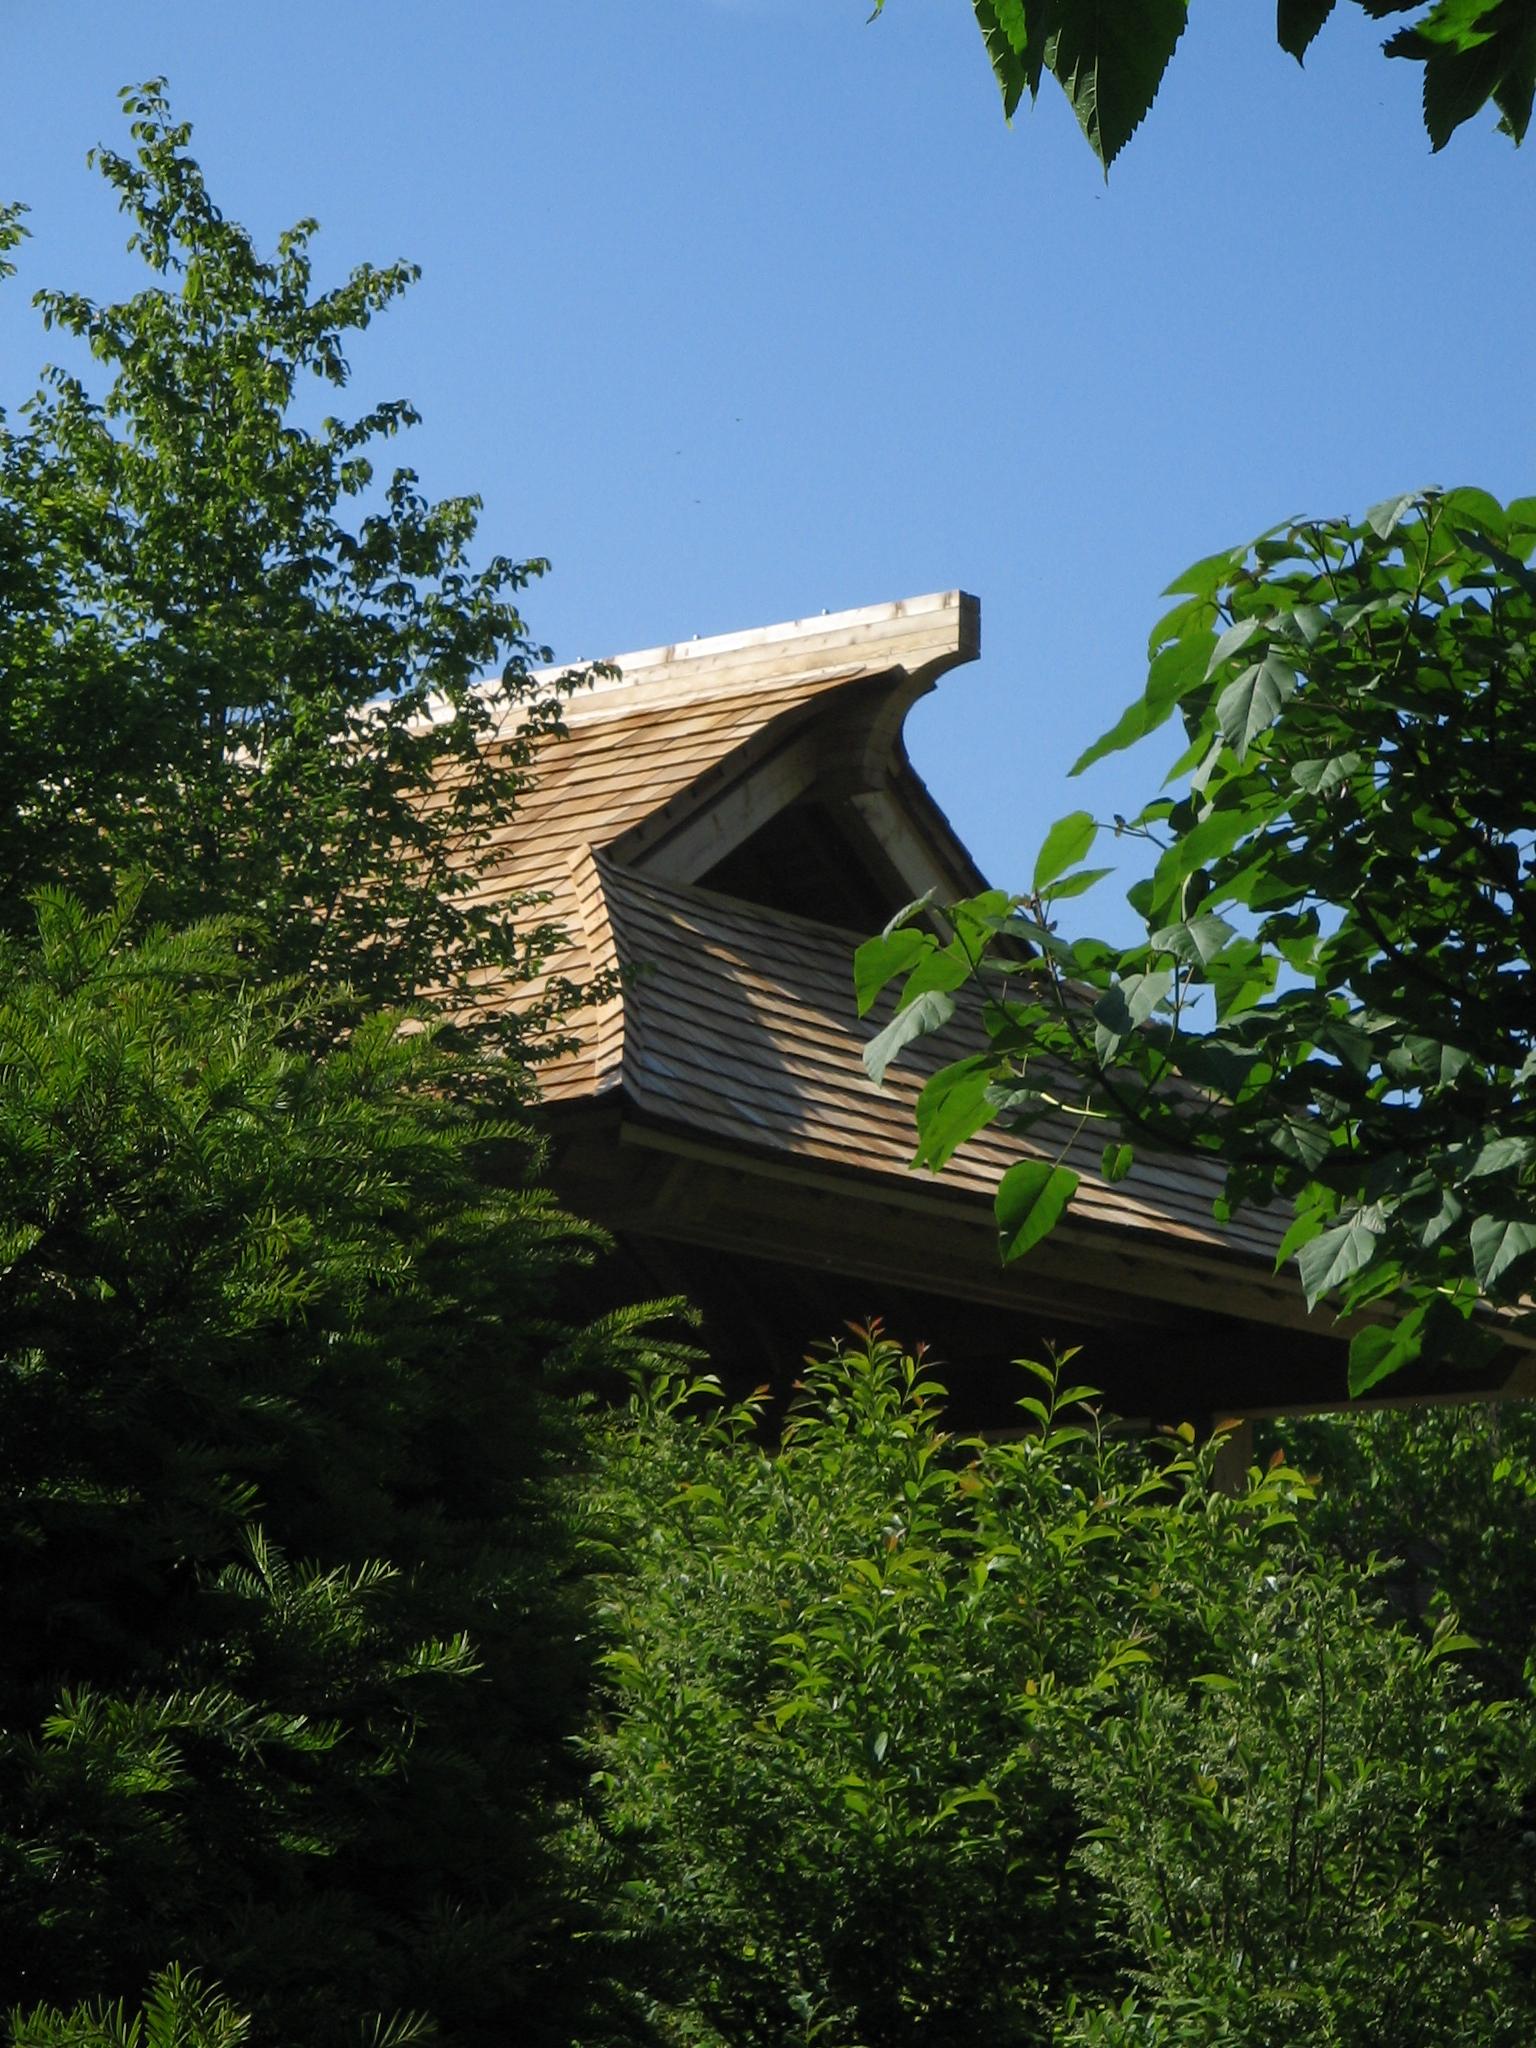 Houten Paviljoen - Peeters Jef bvba